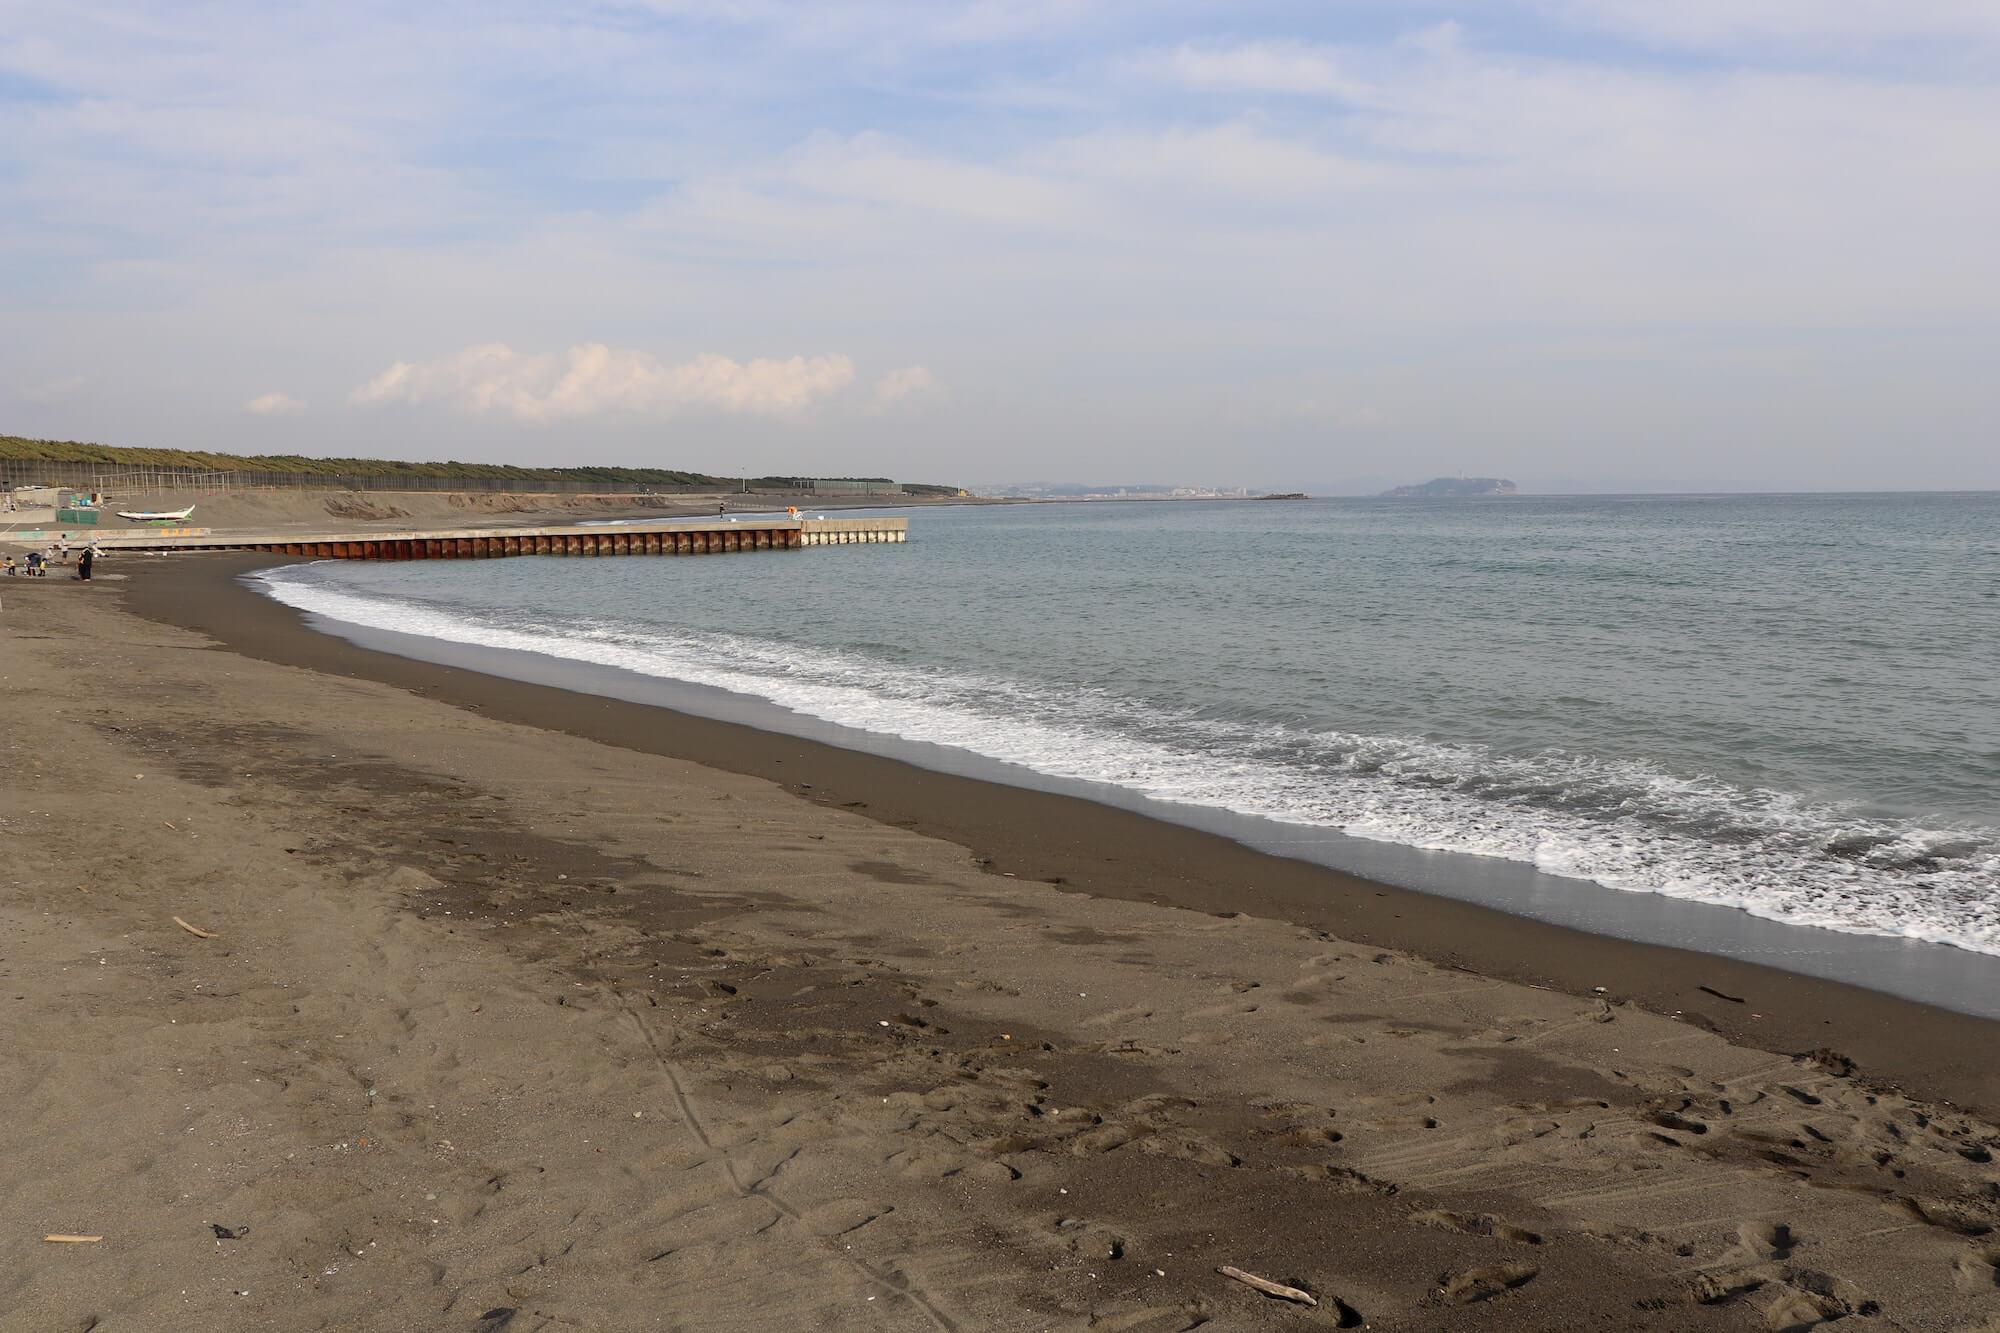 サザンビーチ茅ヶ崎の海岸線